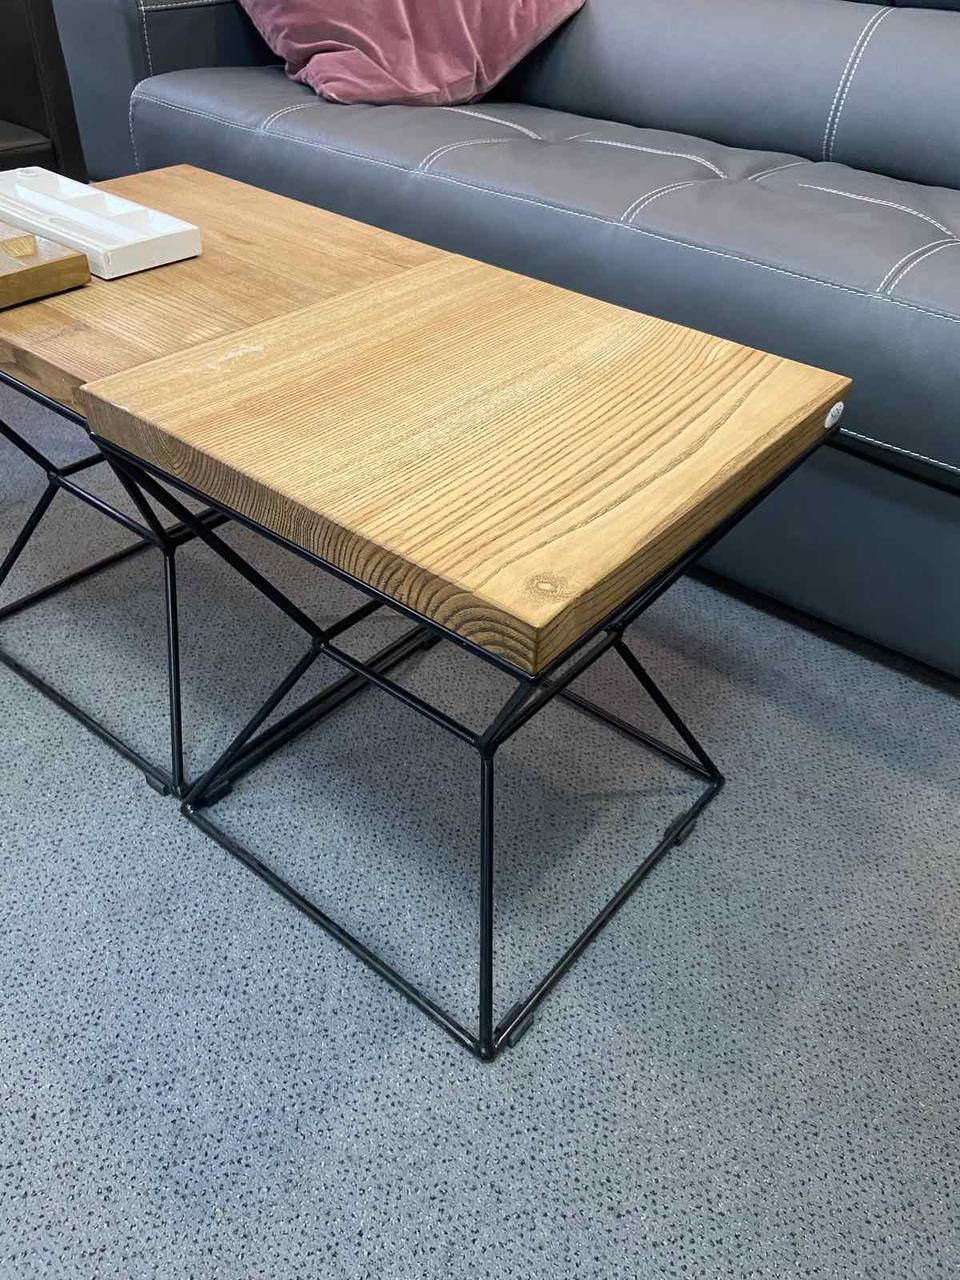 Кофейный столик «CUBE-S» со столешницей из дерева и ножками из металла